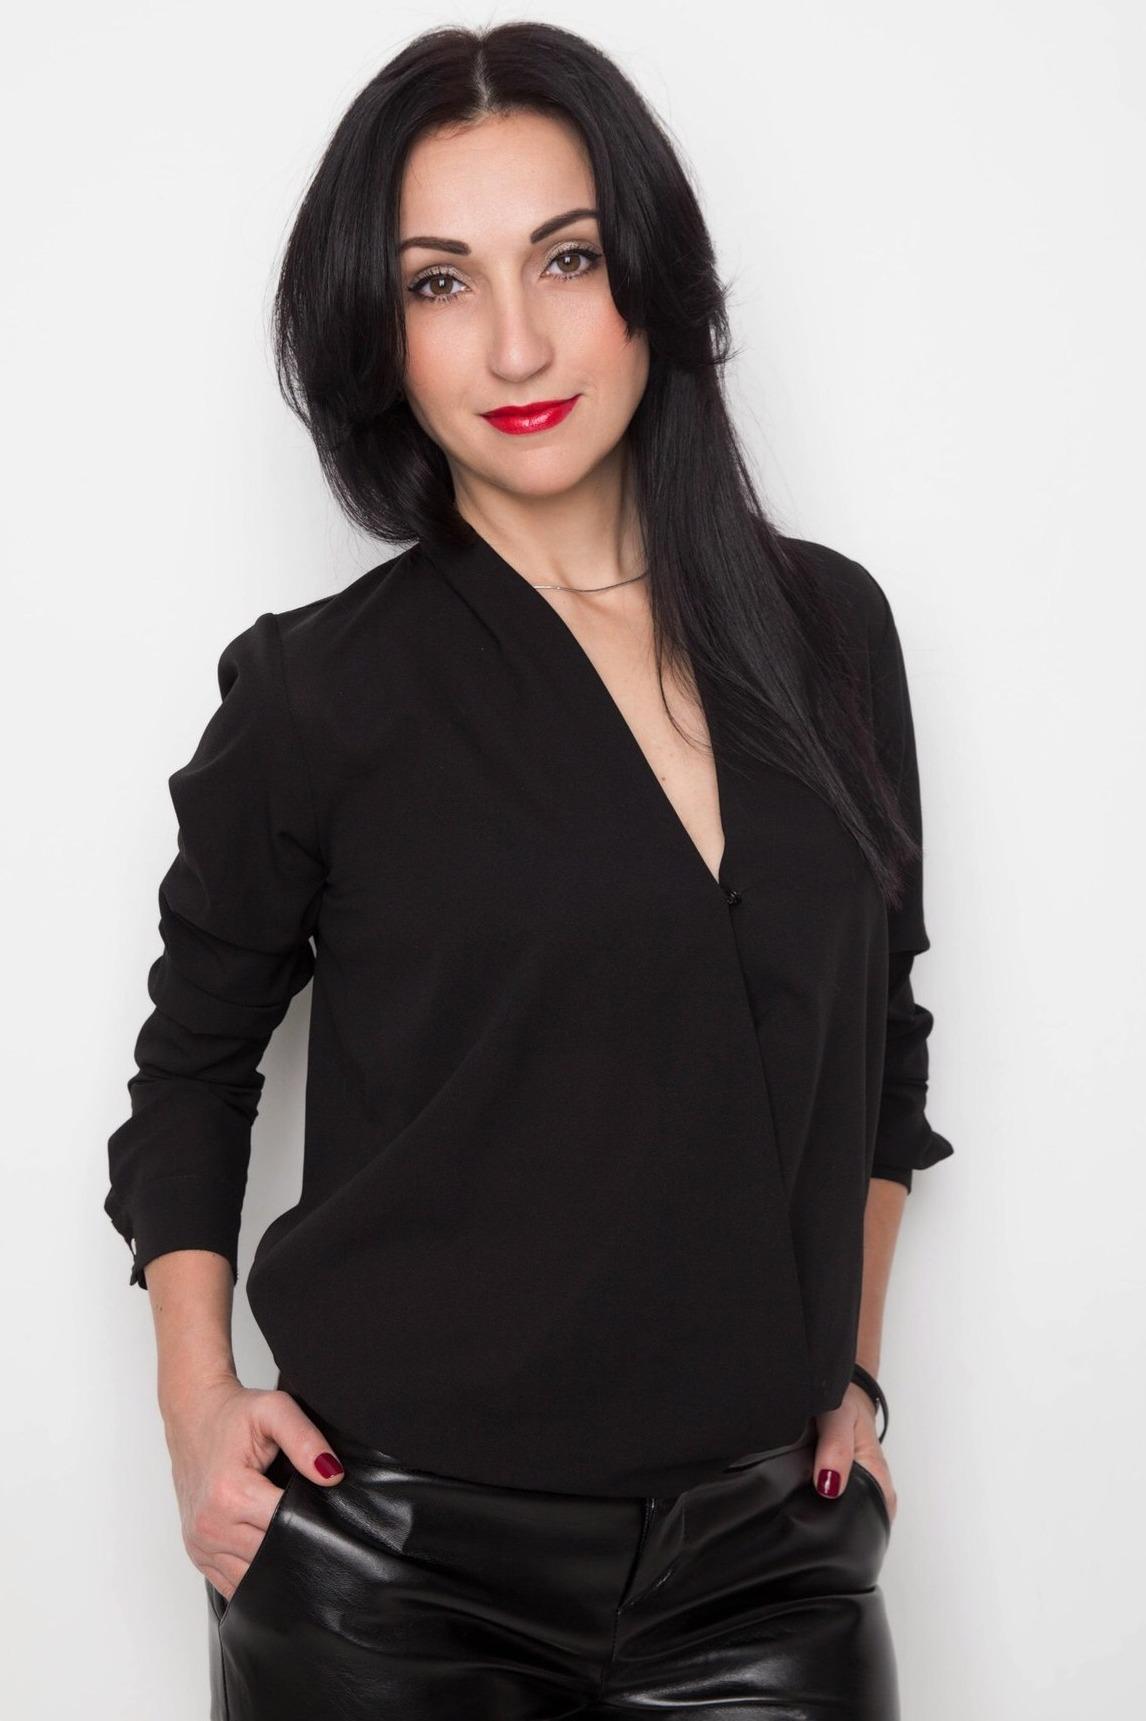 Agence matrimoniale rencontre de Elena  femme célibataire de 43 ans, Athis-Mons.